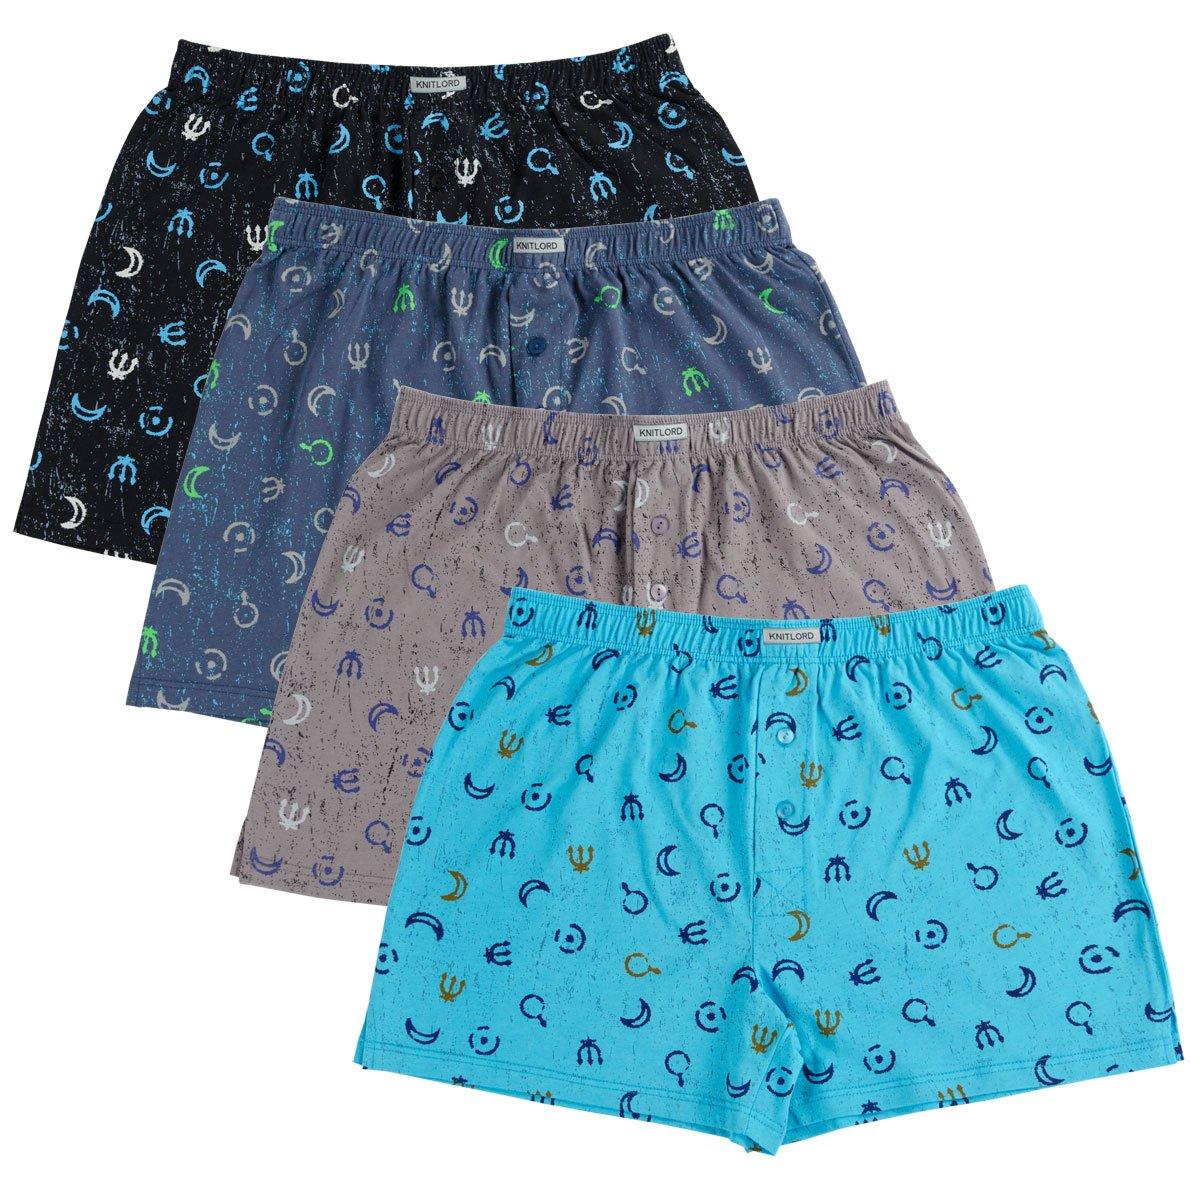 Knitlord UNDERWEAR メンズ B07875MLRF 4L Moon Printing/ 4 Colors Moon Printing/ 4 Colors 4L